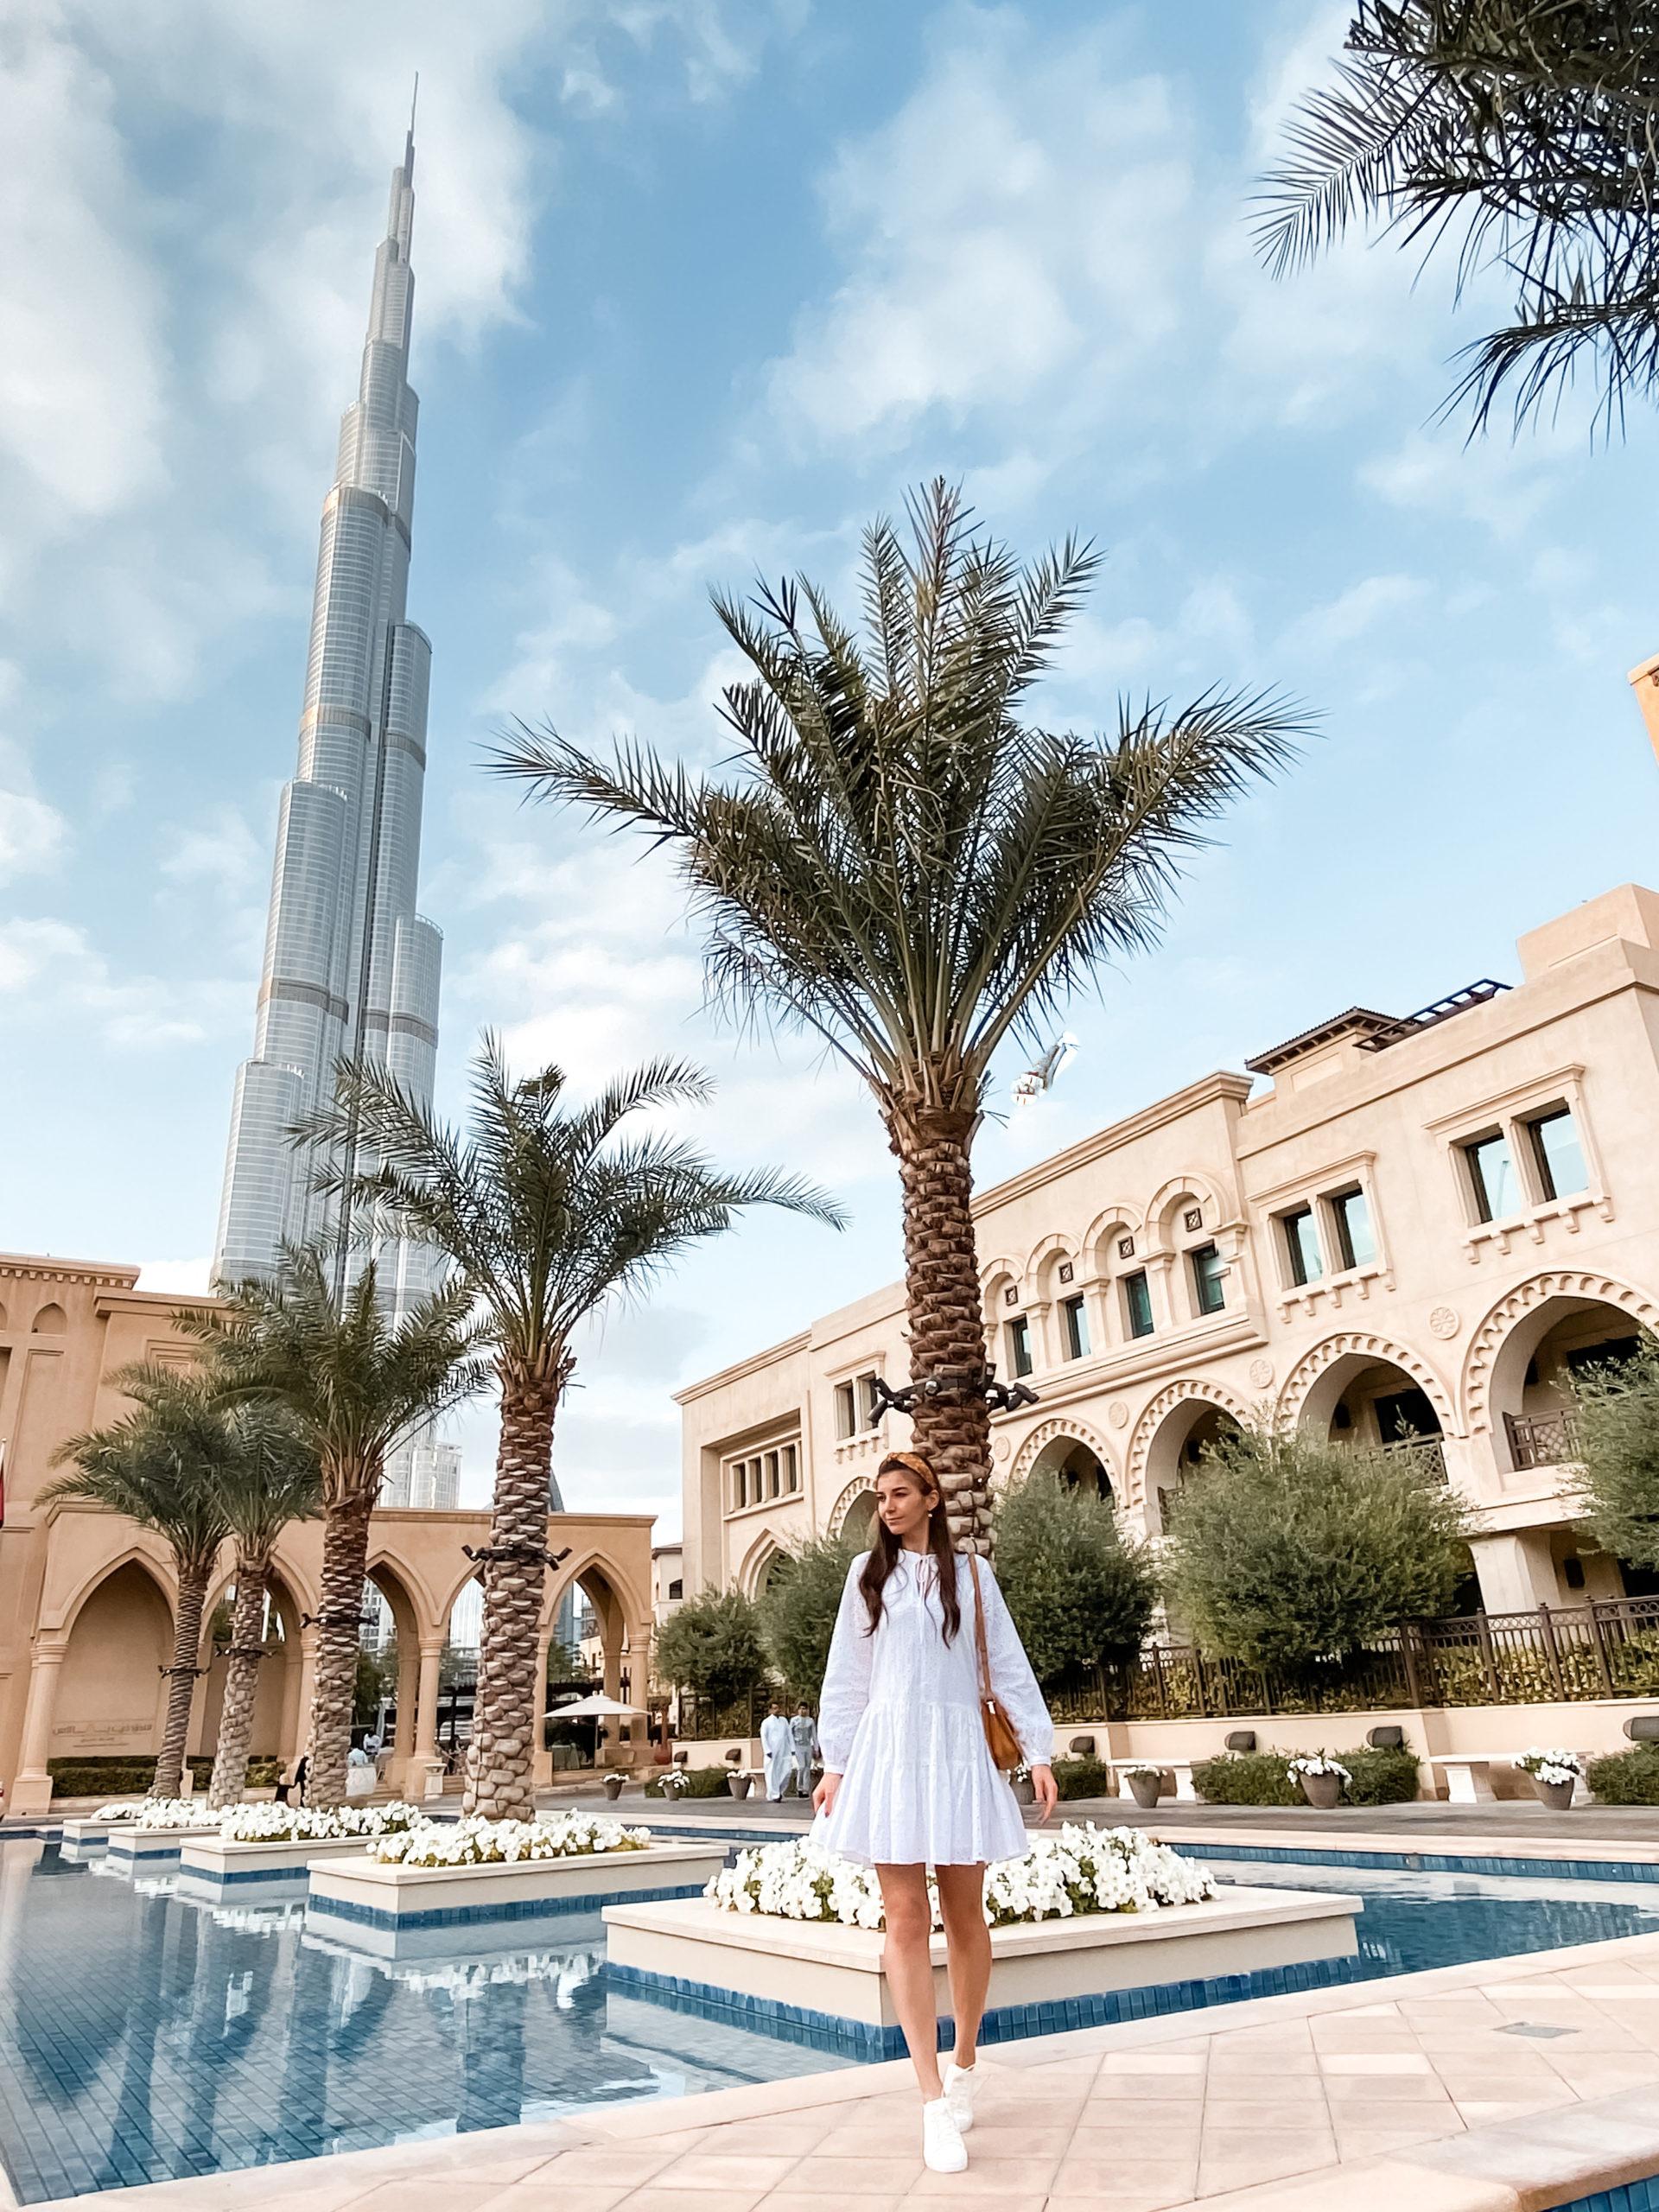 Dubaï : Guide vestimentaire